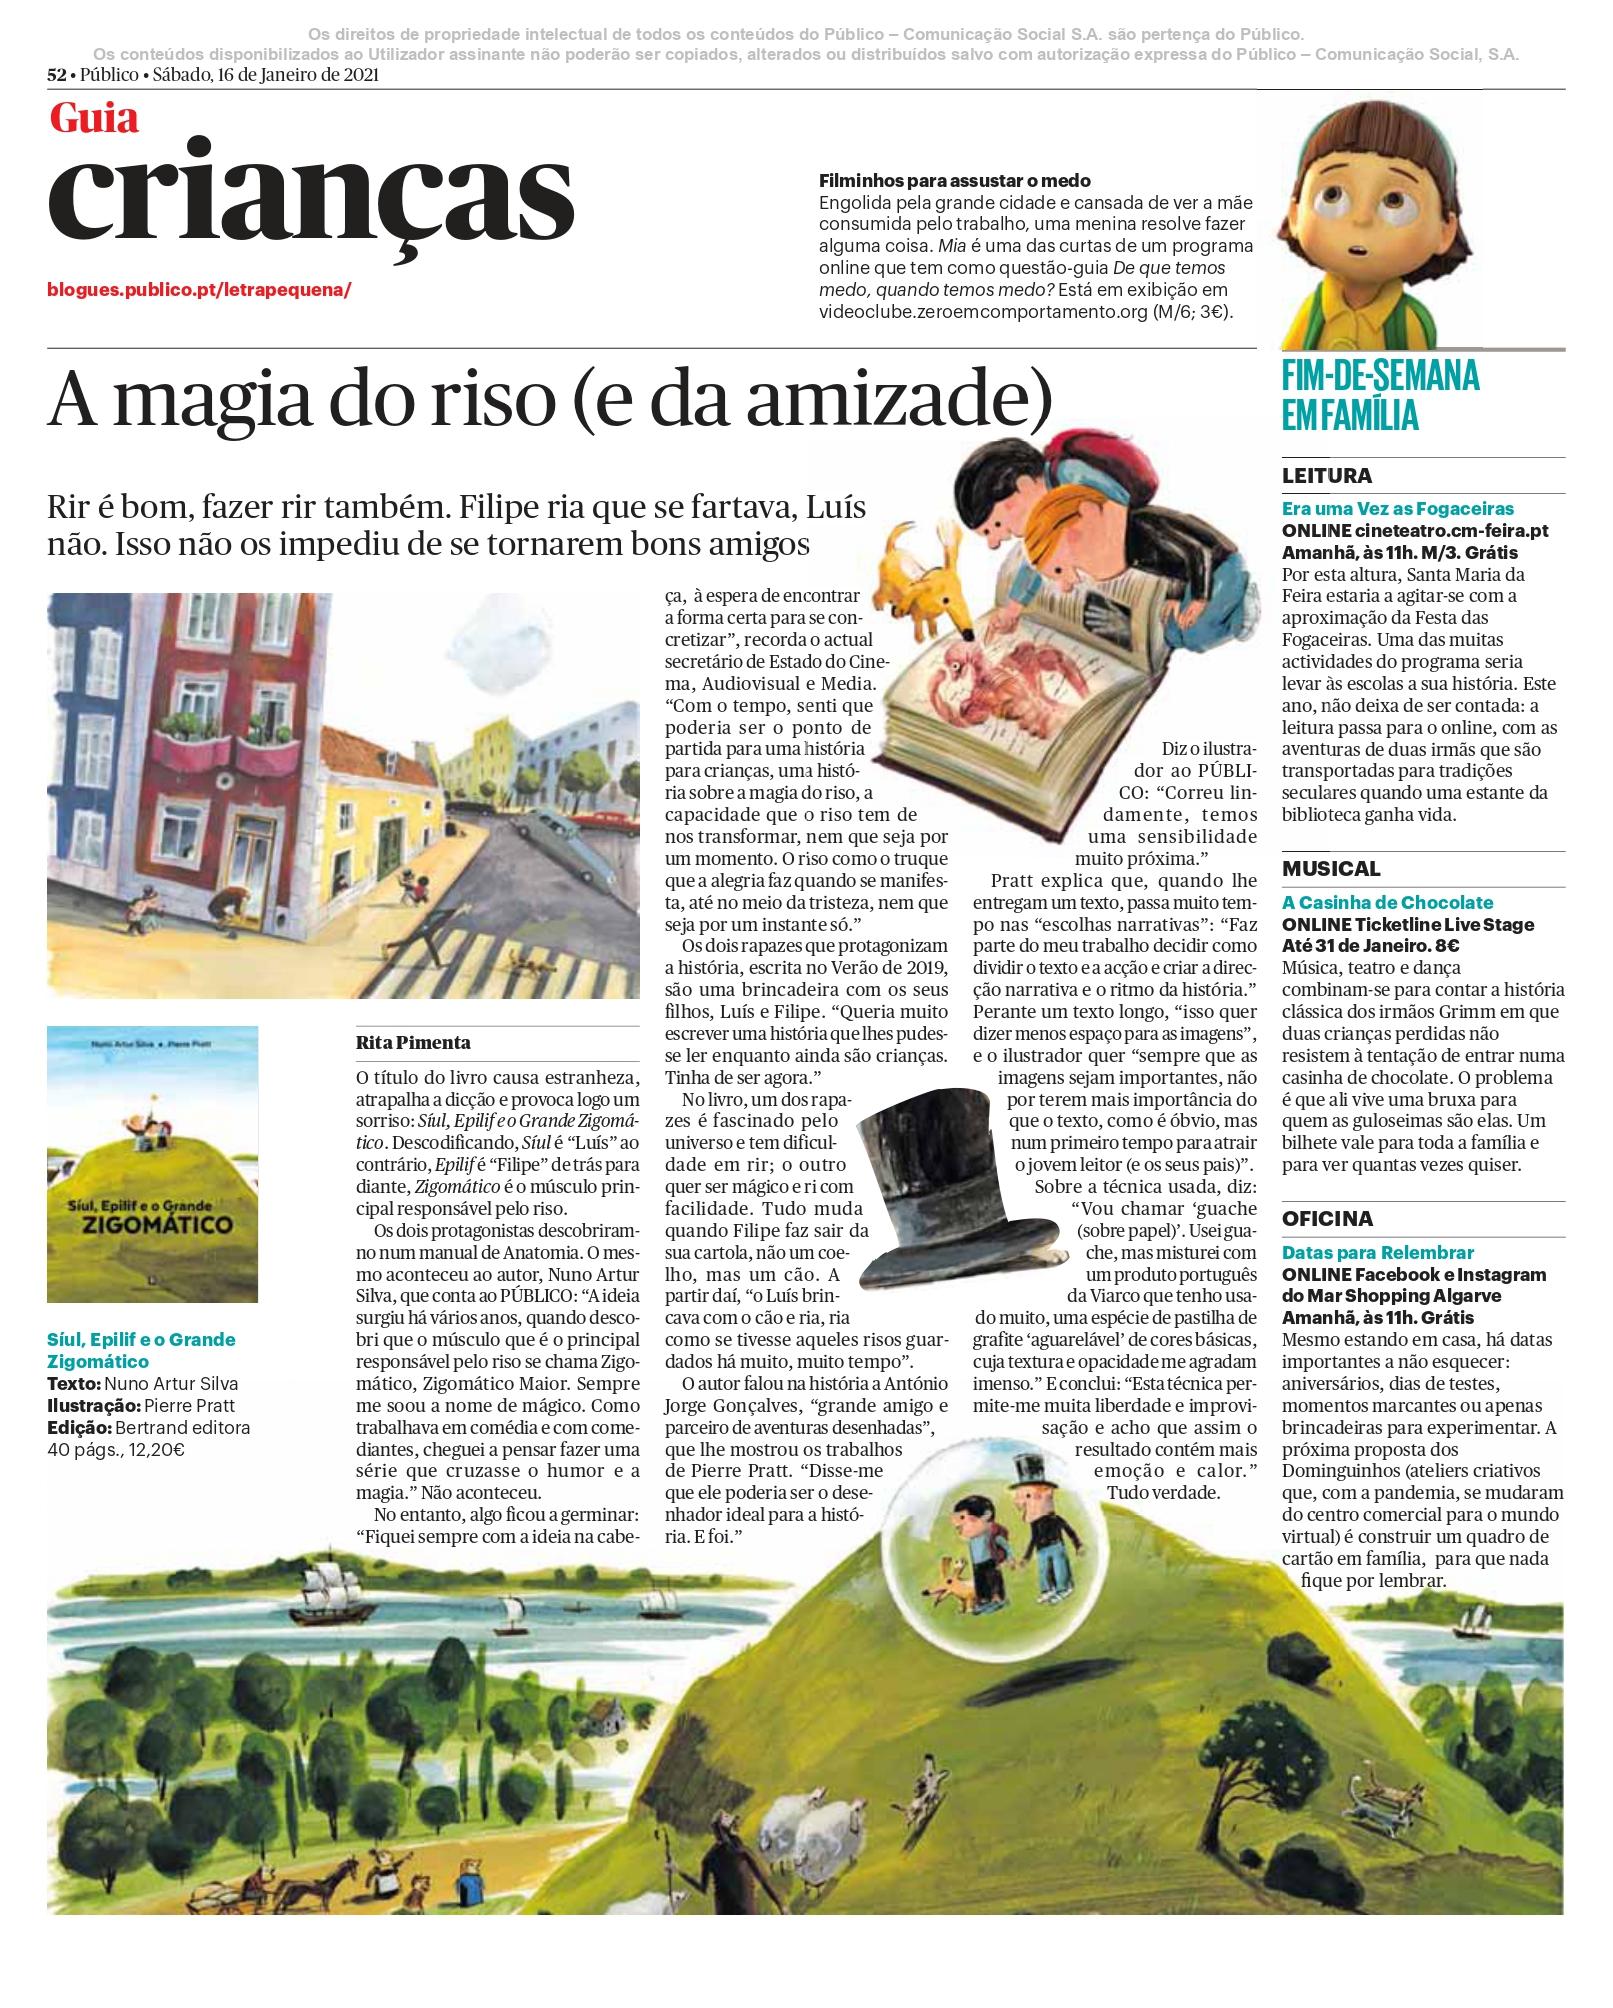 PáginaCrianças16Janeiro2021Pratt